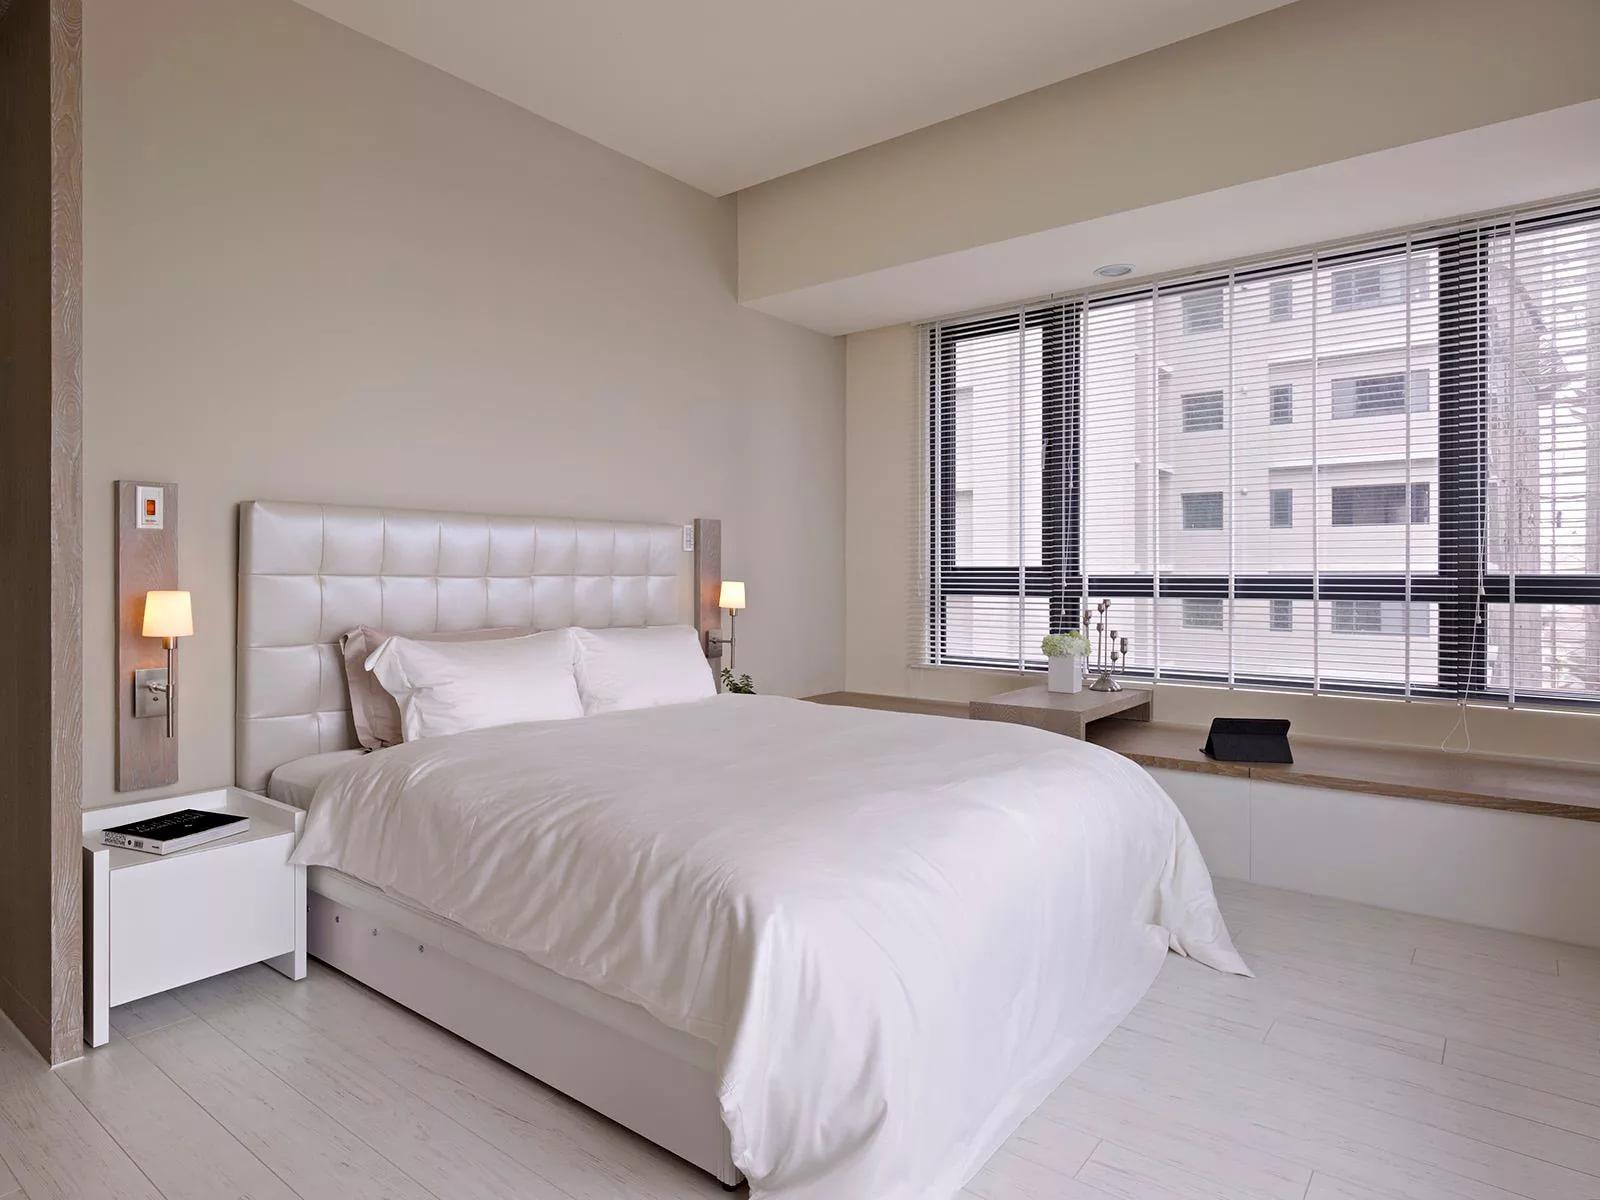 Трендом последних лет являются уютные белые двуспальные кровати